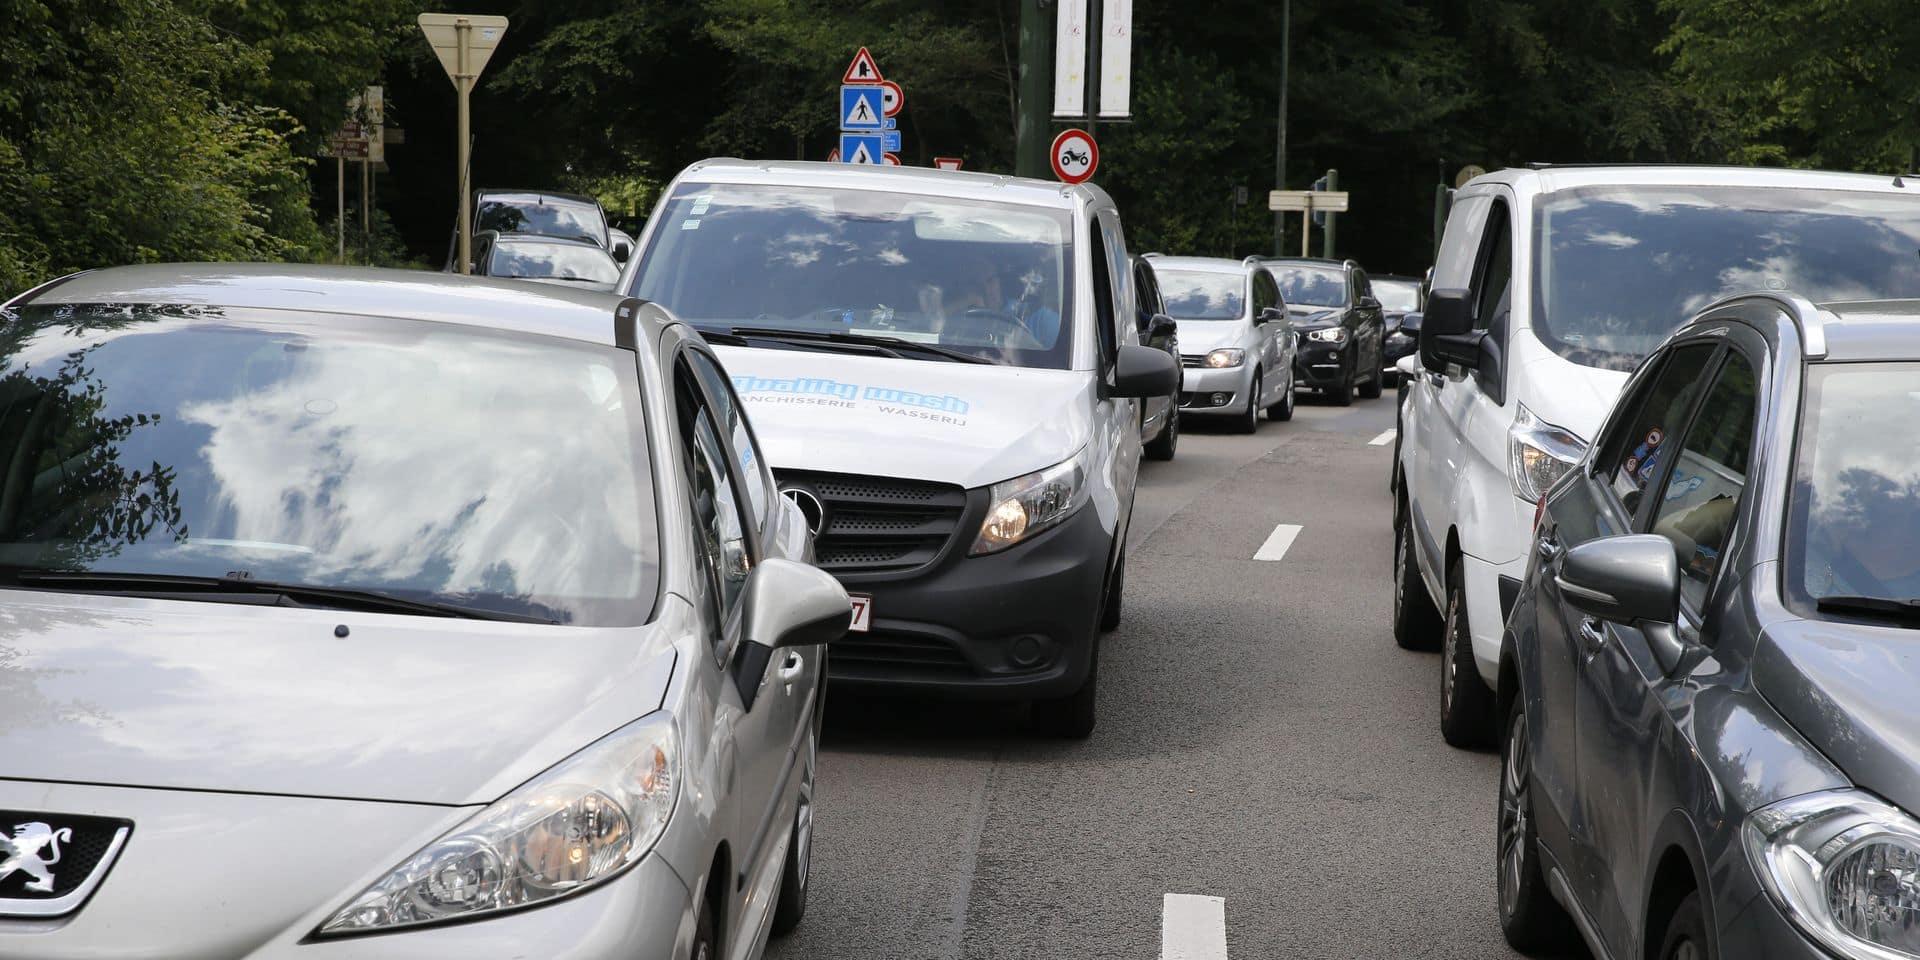 Manifestation pour le climat, festivités : des embarras de circulation à prévoir à Bruxelles